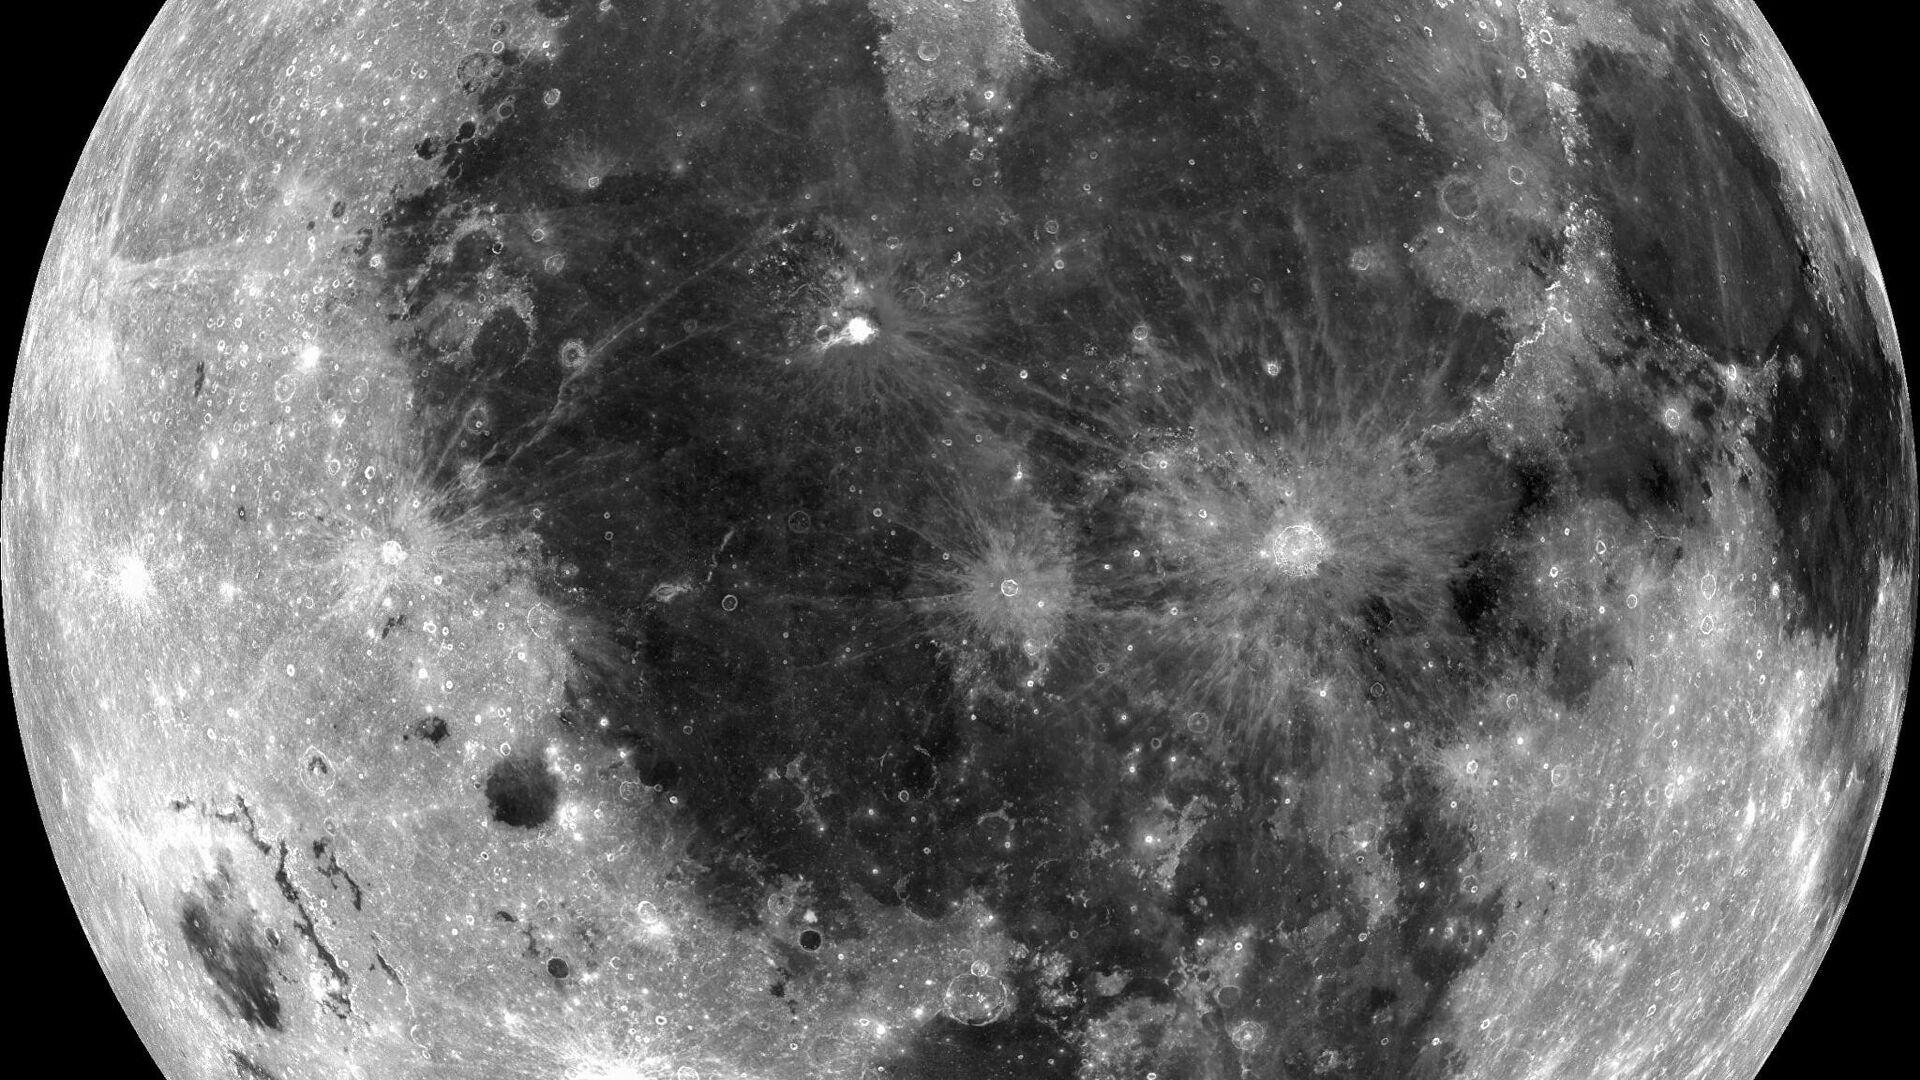 Определен возраст самых молодых пород на поверхности Луны